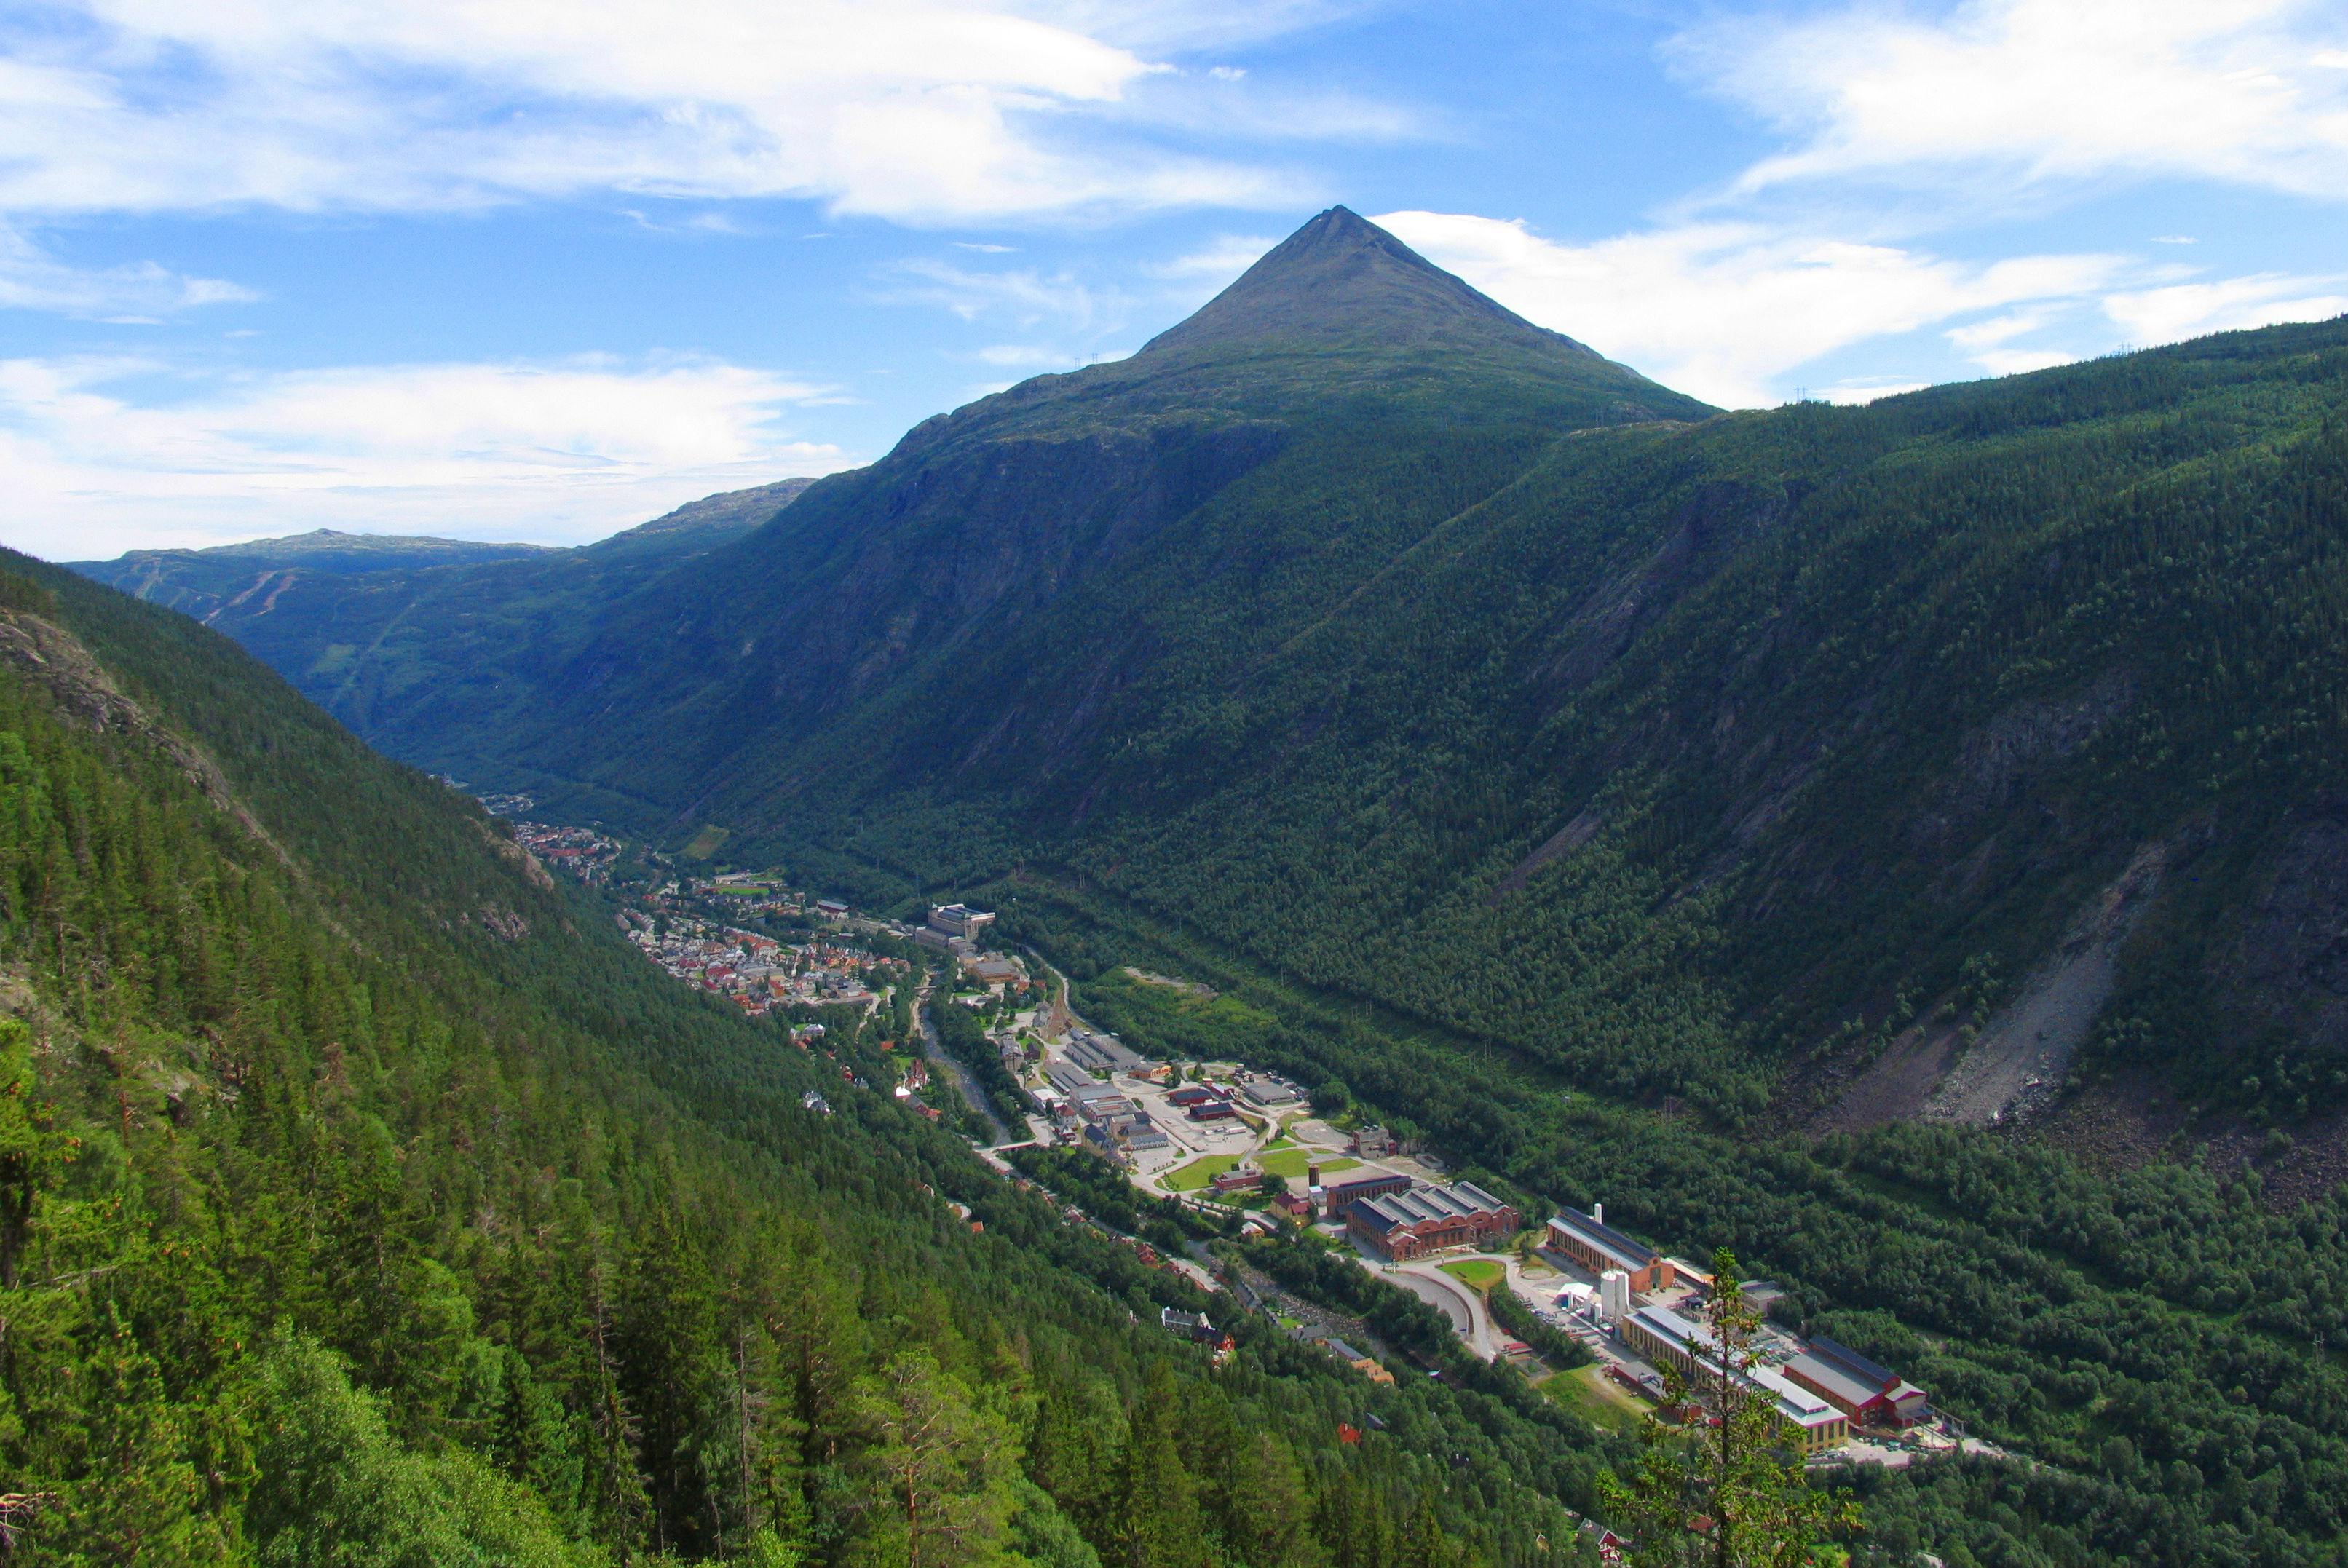 Rjukan by ble oppført på UNESCOs verdensarvliste juli 2015 på bakgrunn av industrihistorien, © Hans-Dieter Fleger